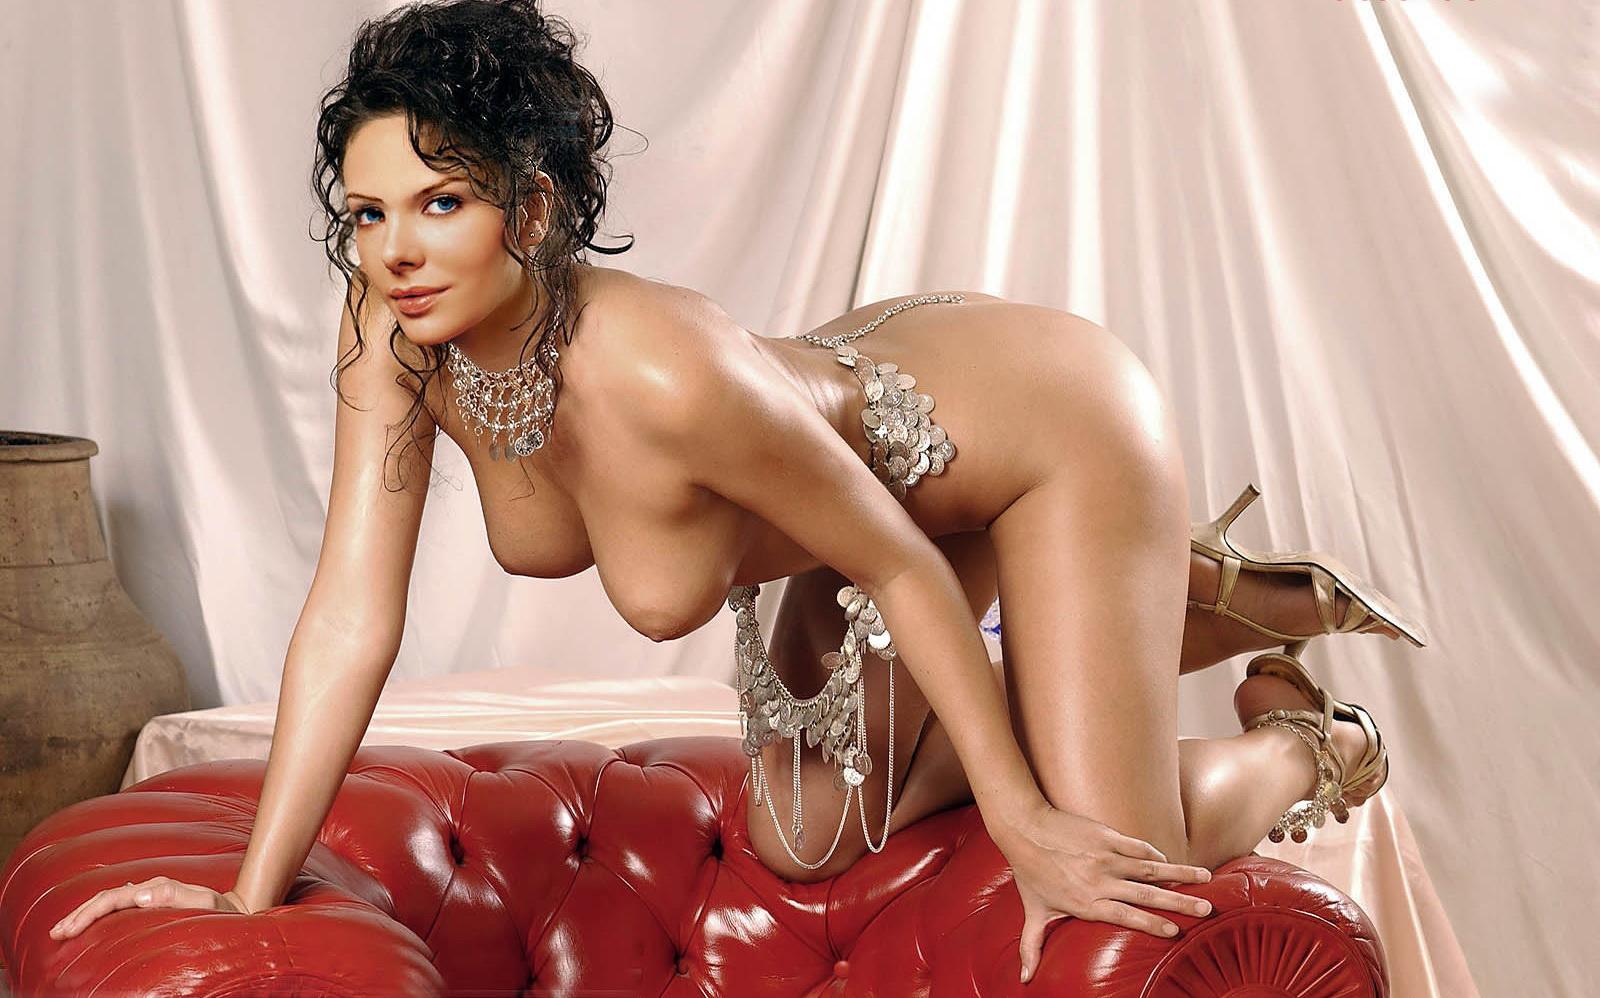 Фото подделки эротические знаменитостей 5 фотография